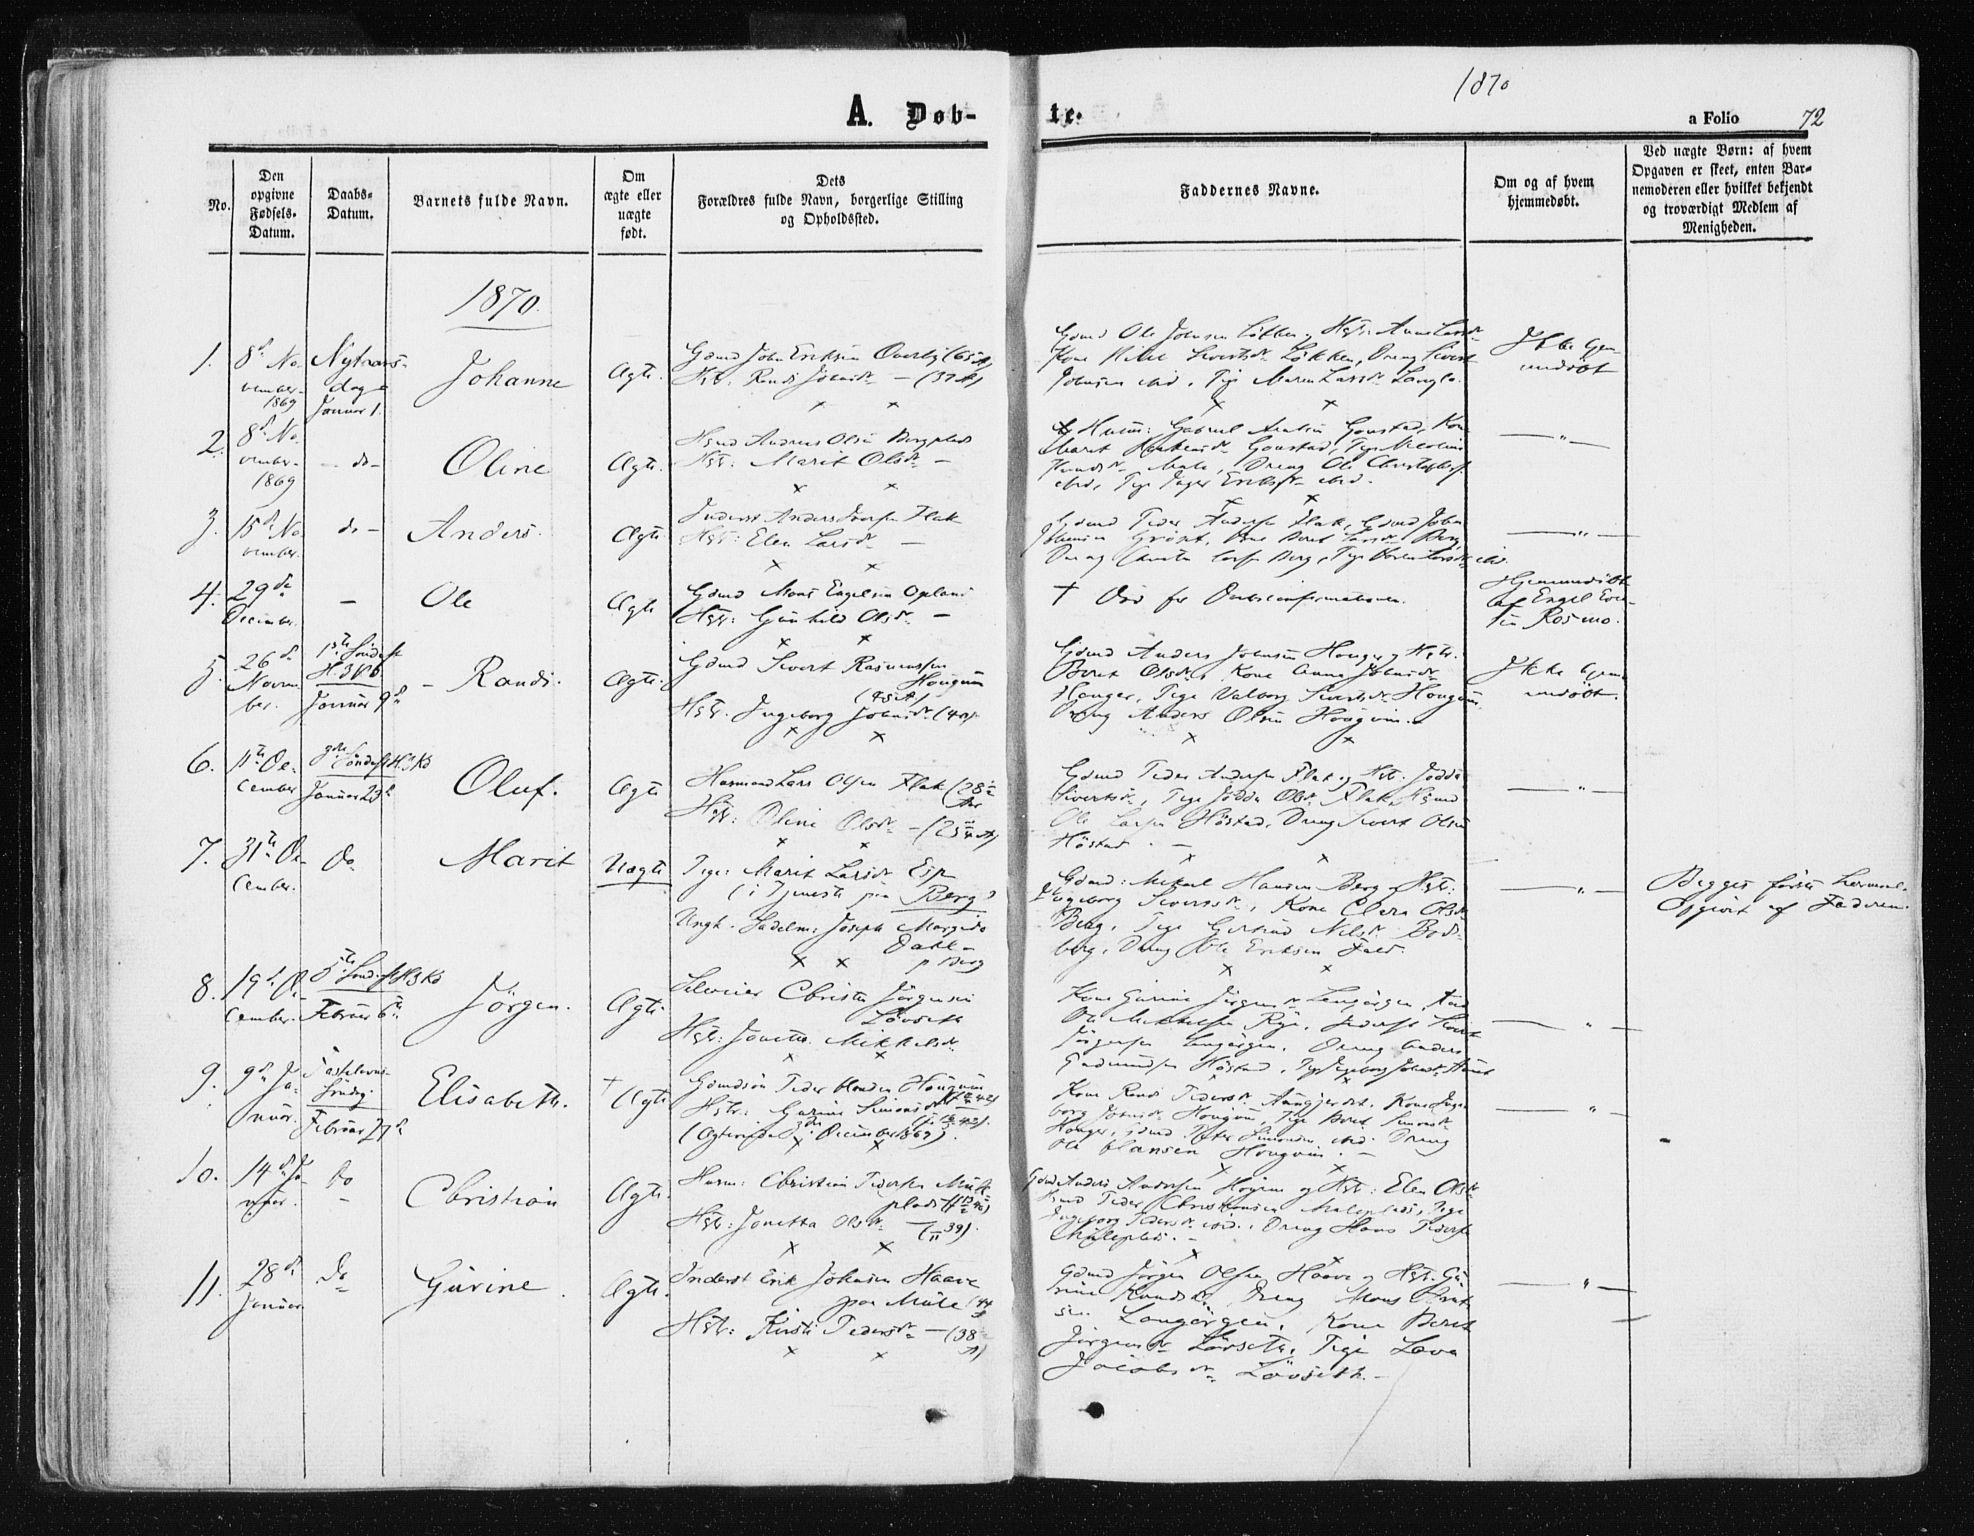 SAT, Ministerialprotokoller, klokkerbøker og fødselsregistre - Sør-Trøndelag, 612/L0377: Ministerialbok nr. 612A09, 1859-1877, s. 72